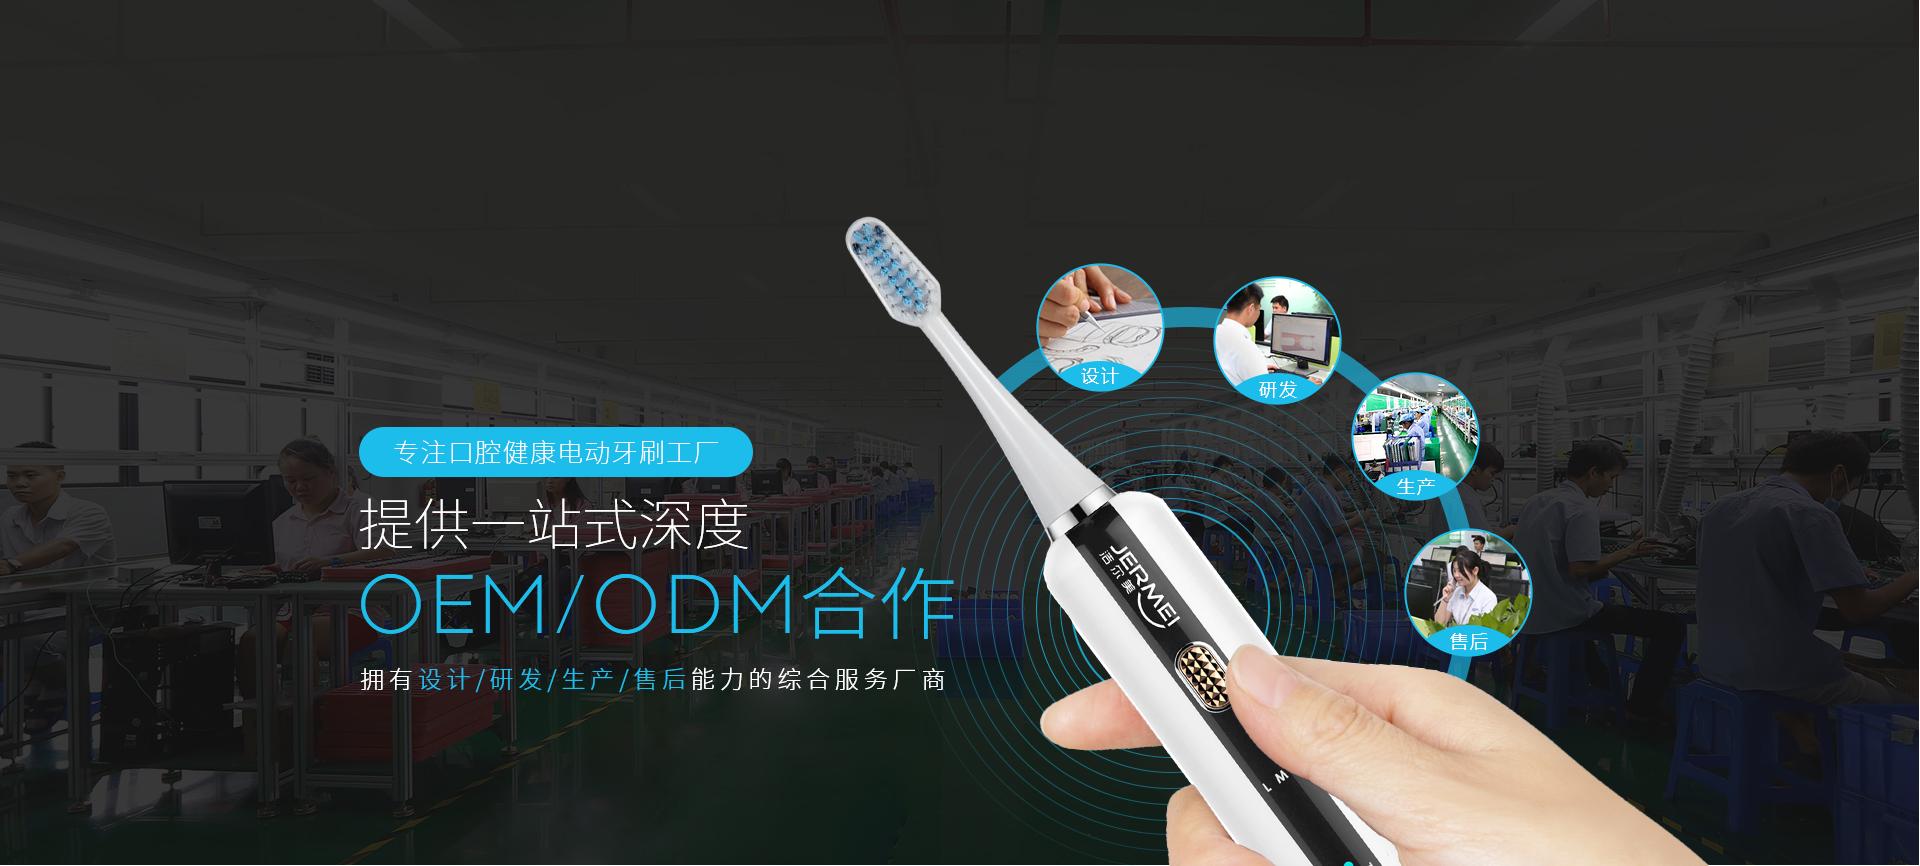 洁尔美专注口腔电动牙刷生产,提供一站式深度合作